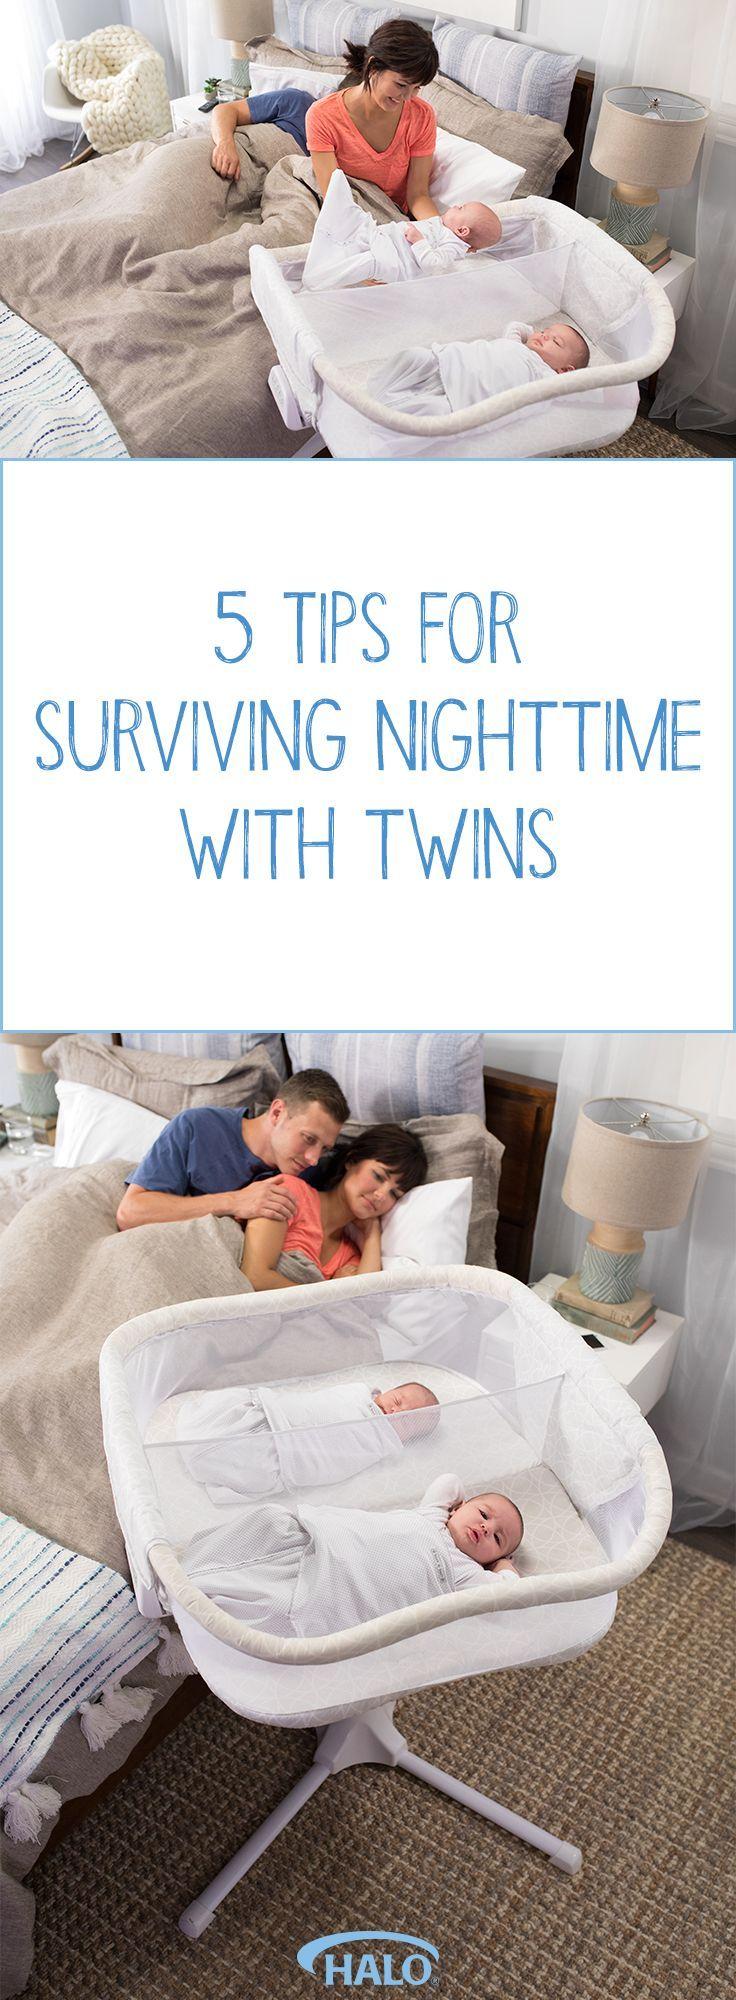 5 Tipps zum Überleben in der Nacht mit Zwillingen – Twiniversity # 1 Twin Parenting Site   – Twiiiins